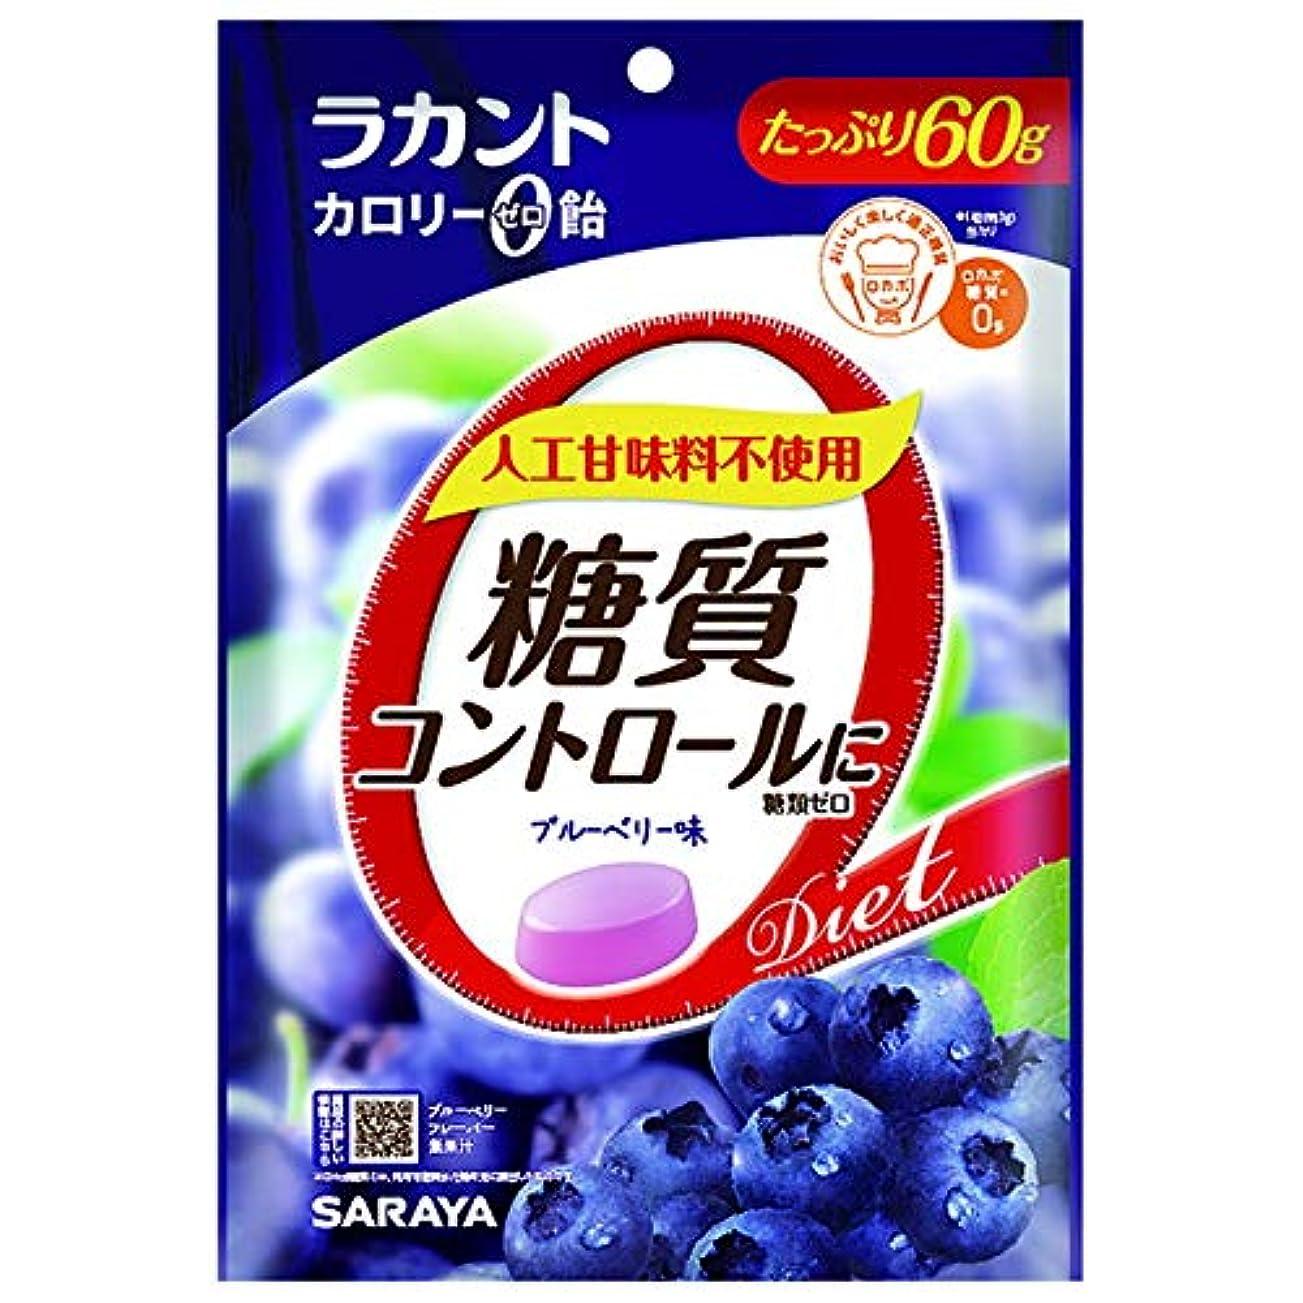 発行ストローク品ラカント カロリーゼロ飴 ブルーベリー 60g【3個セット】